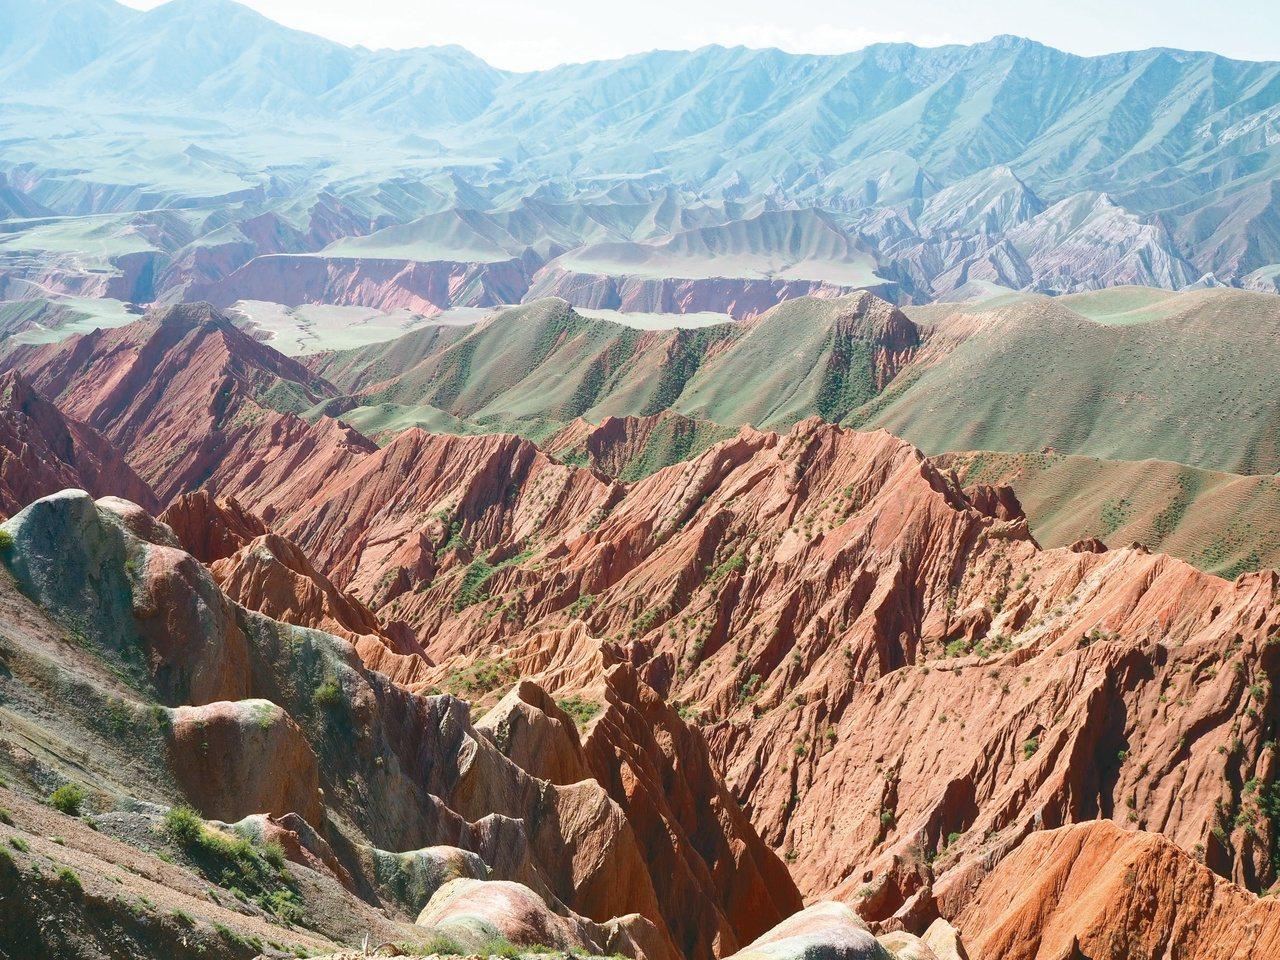 新疆的新景區「努爾加大峽谷」。 記者羅建怡/攝影